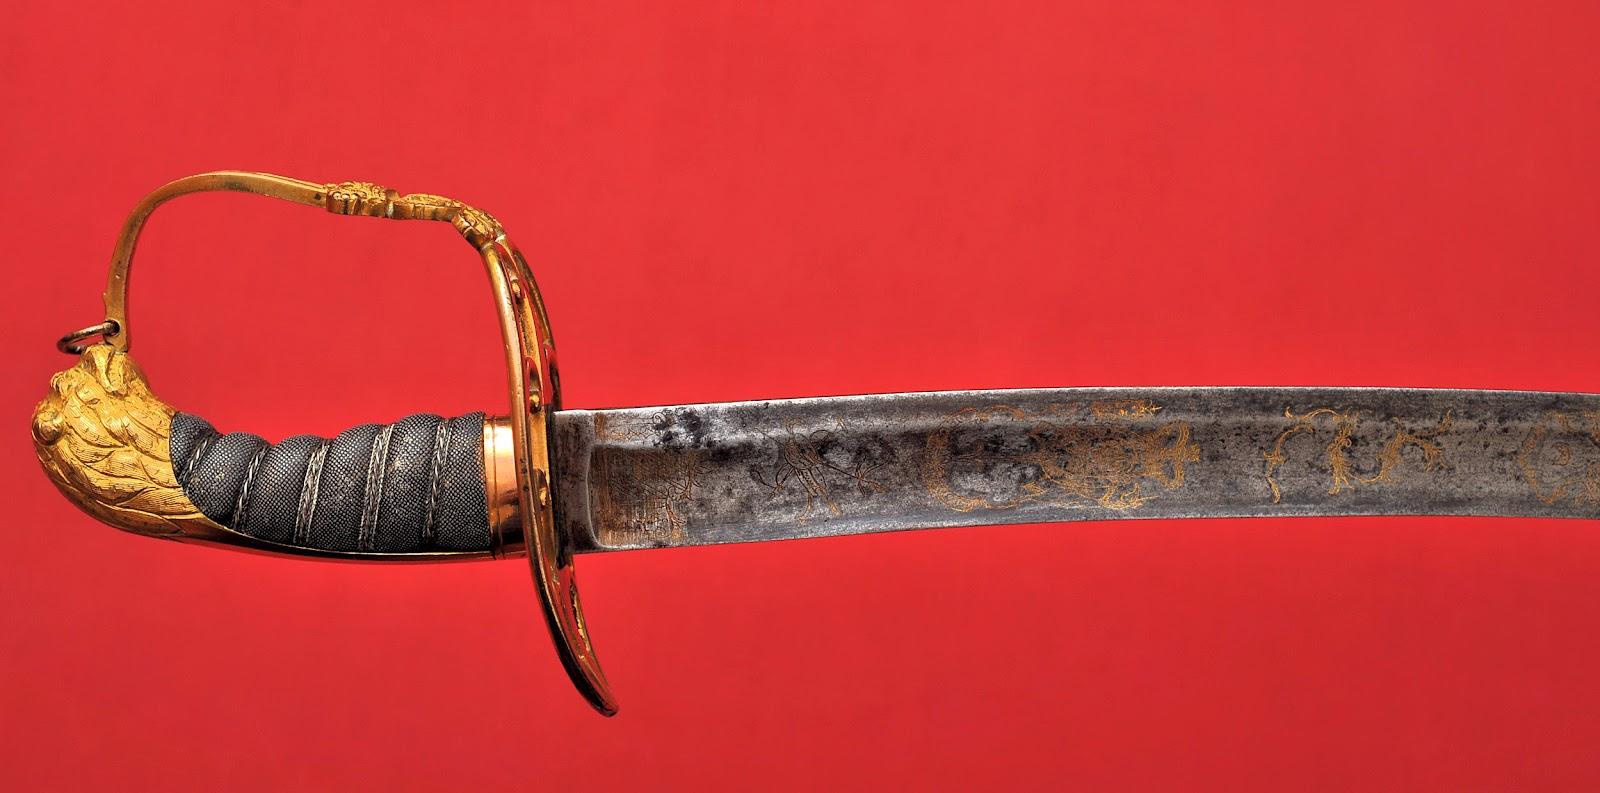 cavalry saber british